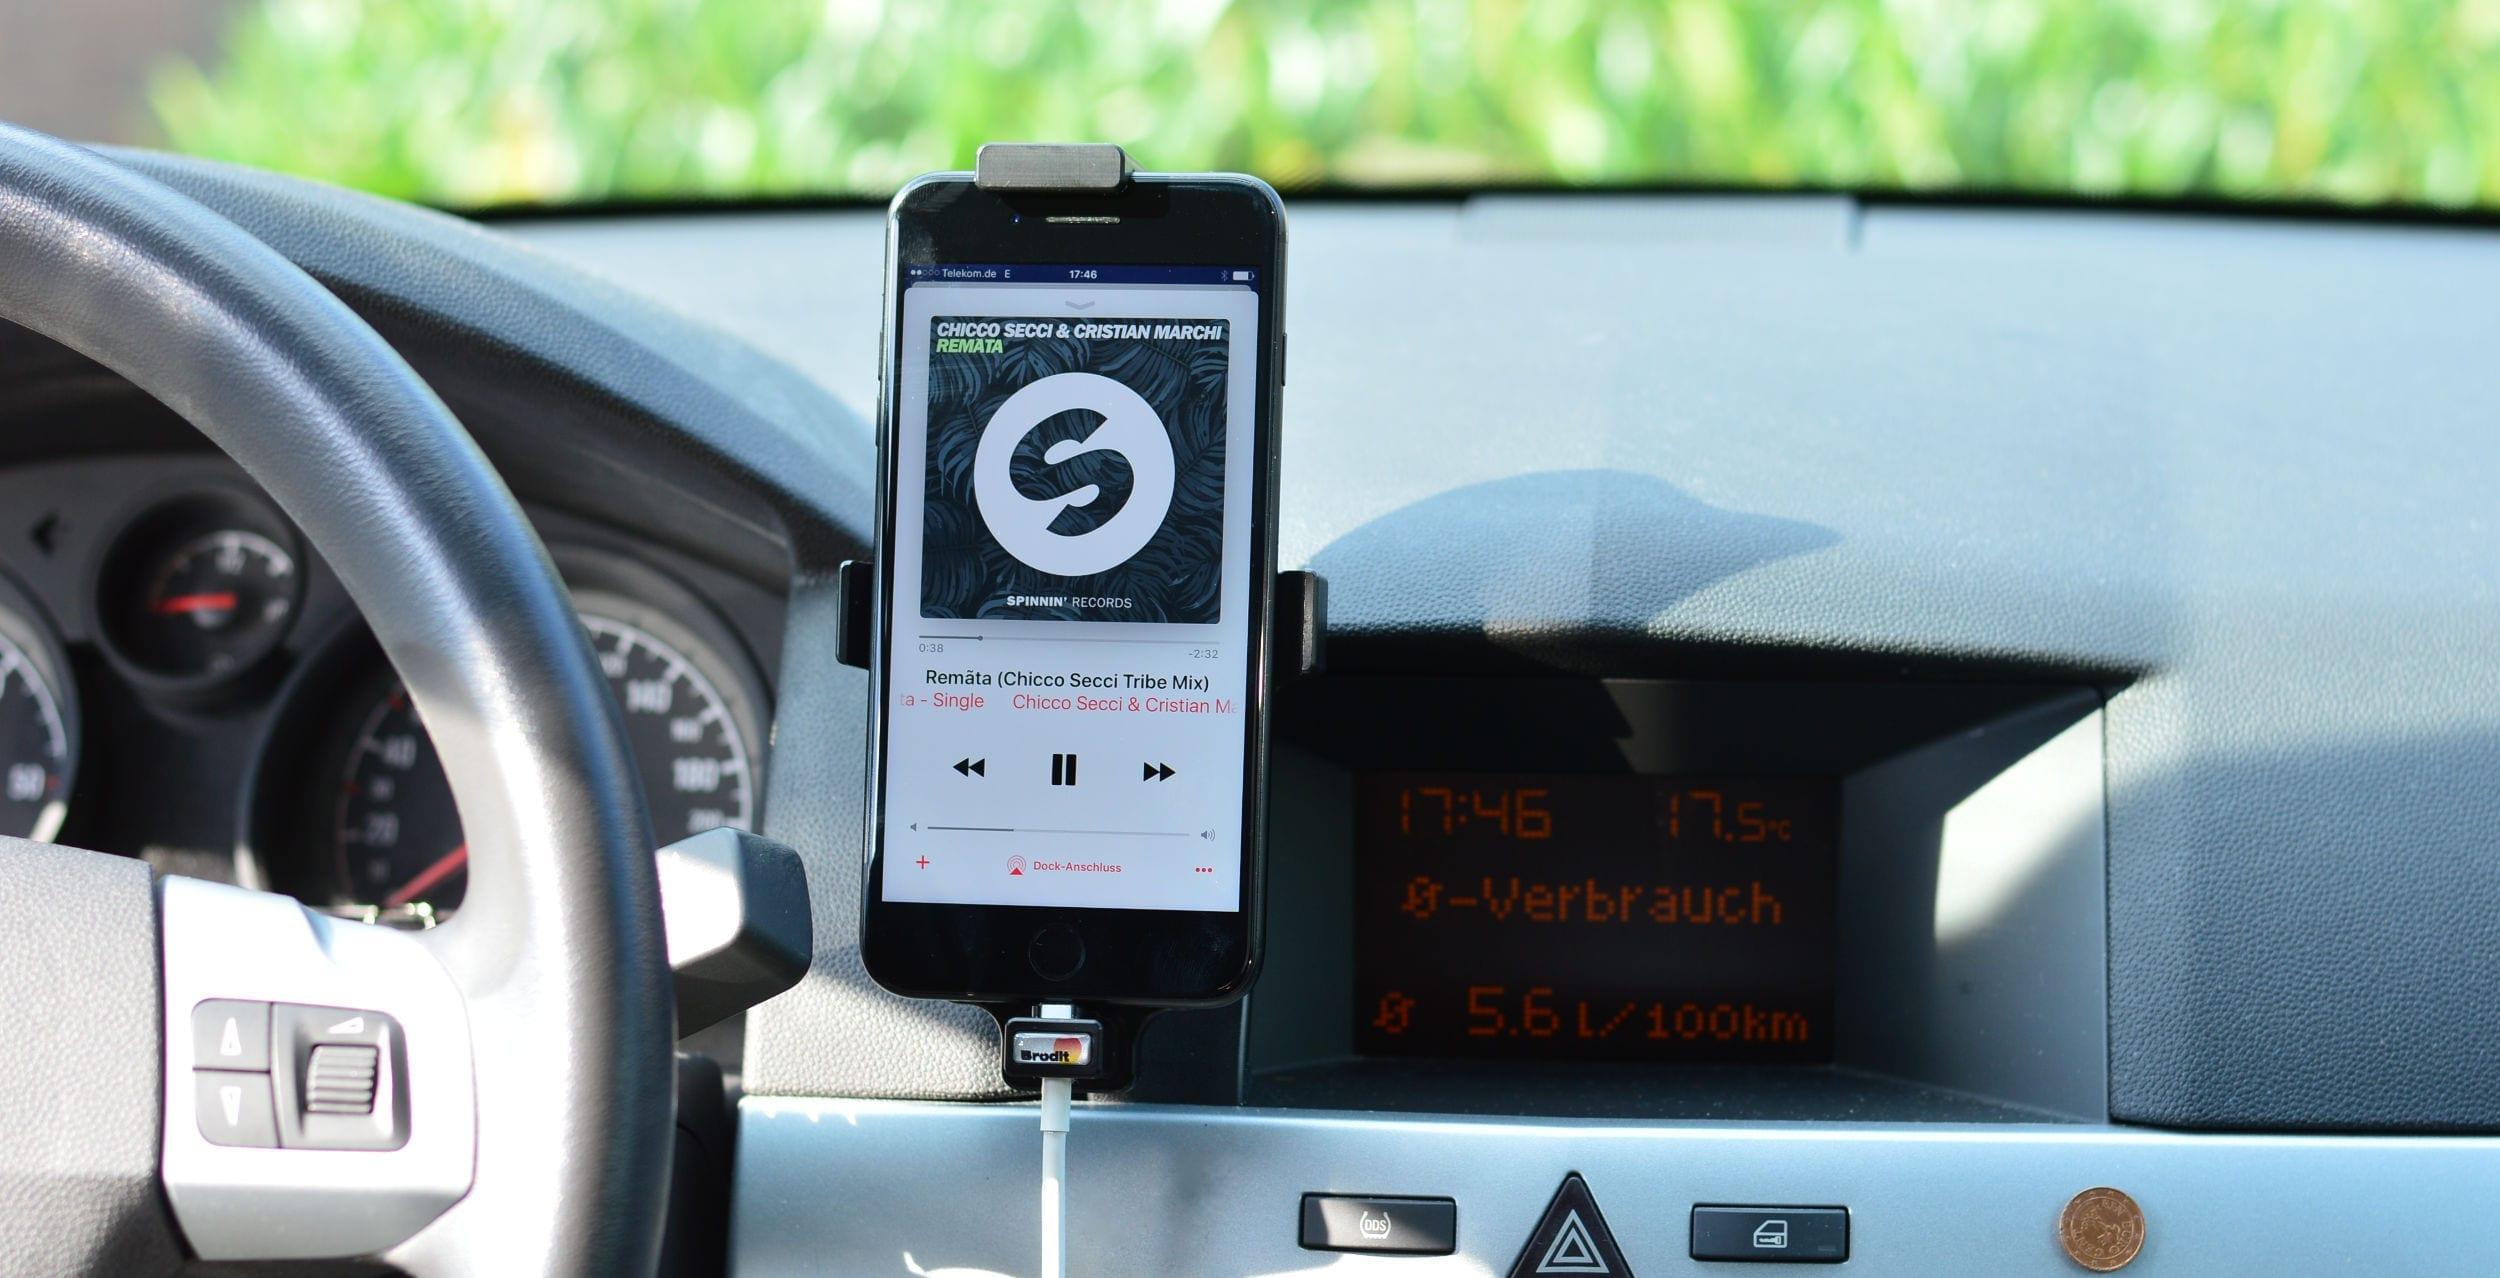 AUX Kabel für iPhone – so kannst Du Dein iPhone am AUX im Auto anschließen